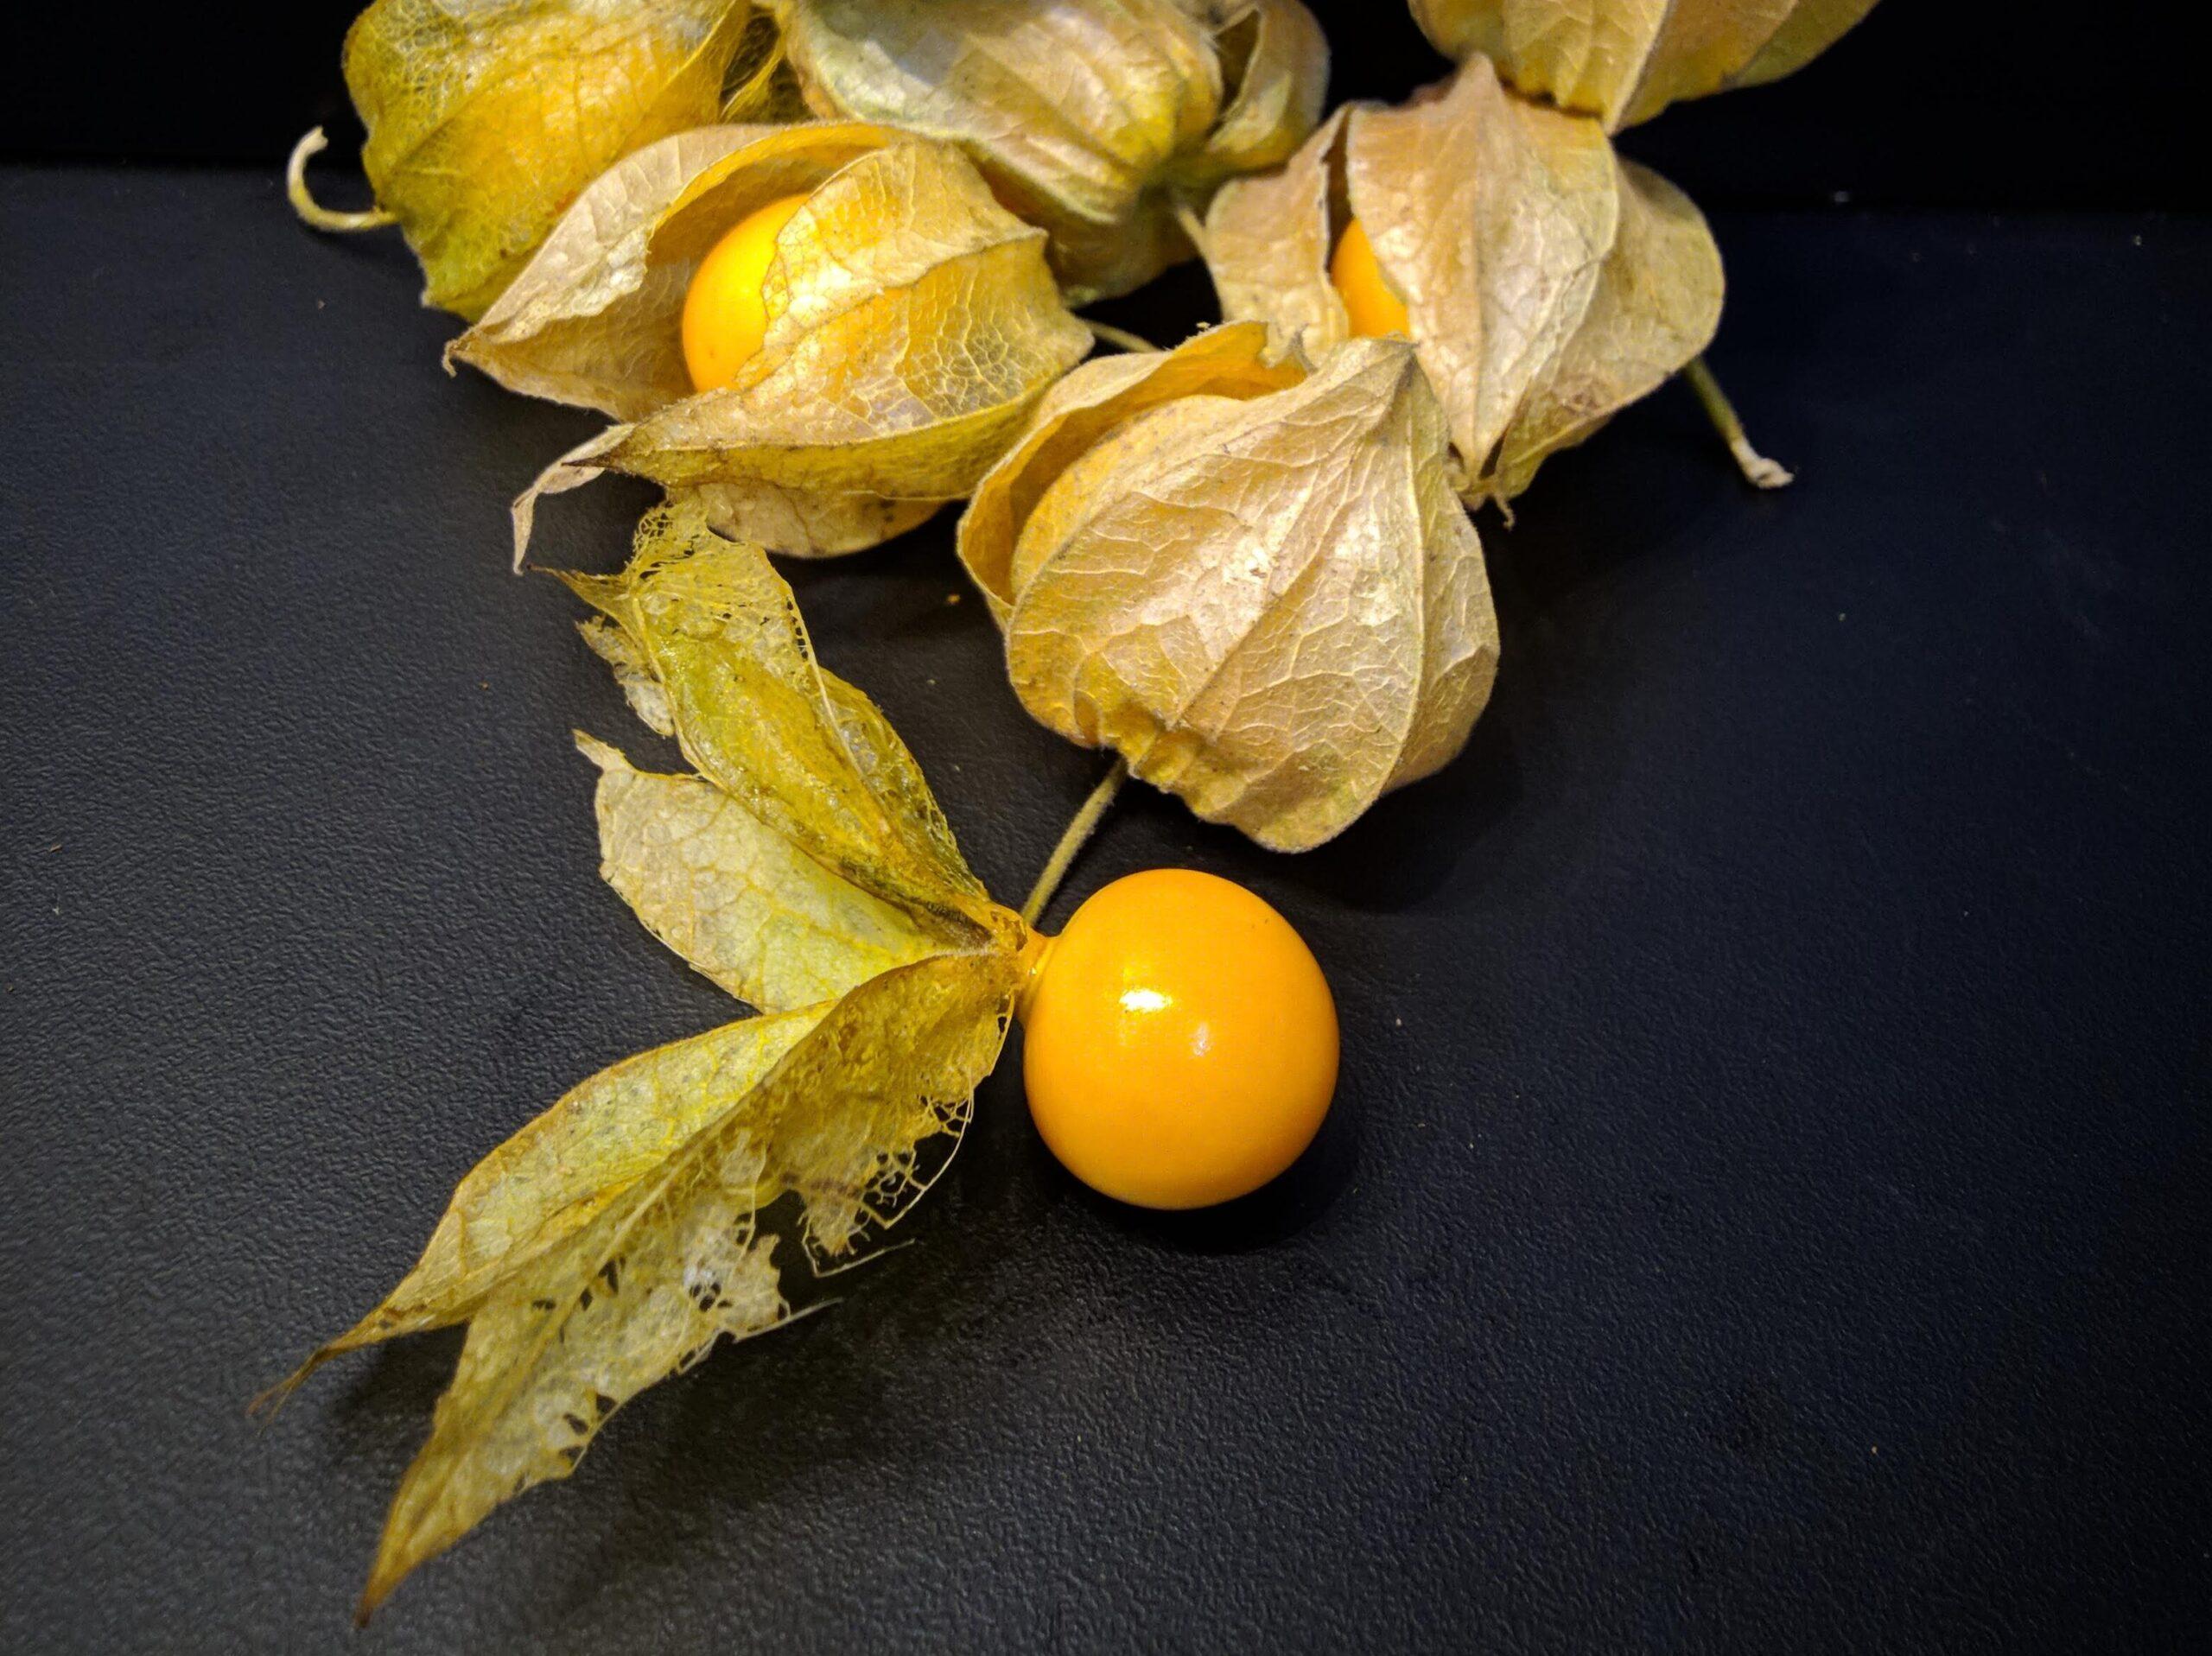 cecenet ciplukan goldenberry